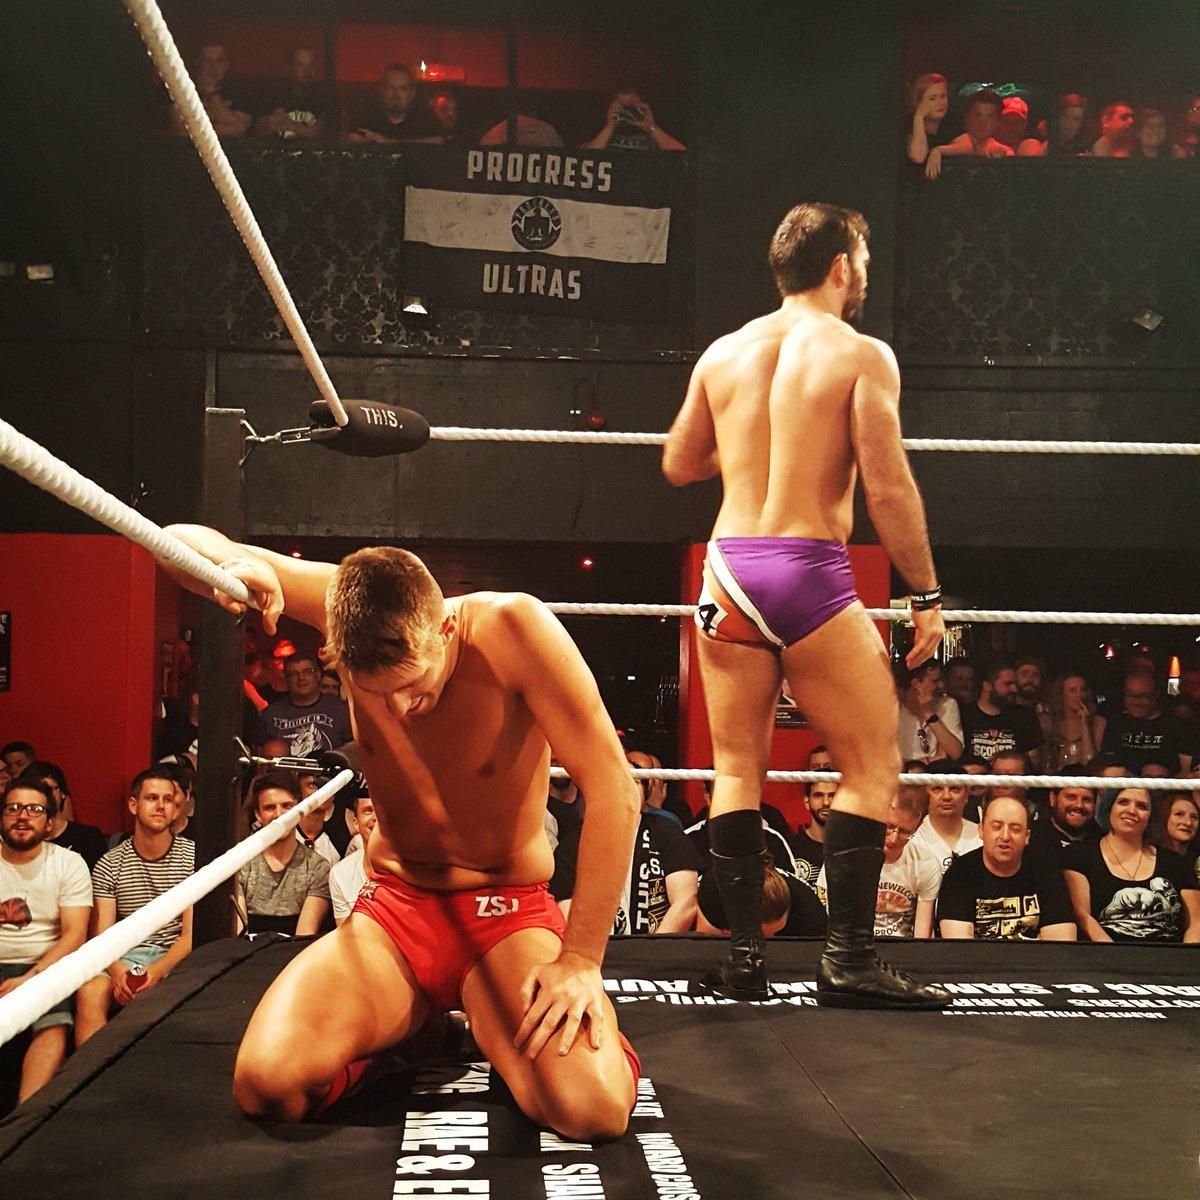 Resultados de Progress Wrestling Super Strong Style 16: Día 1 — Flamita sorprende al público británico 2